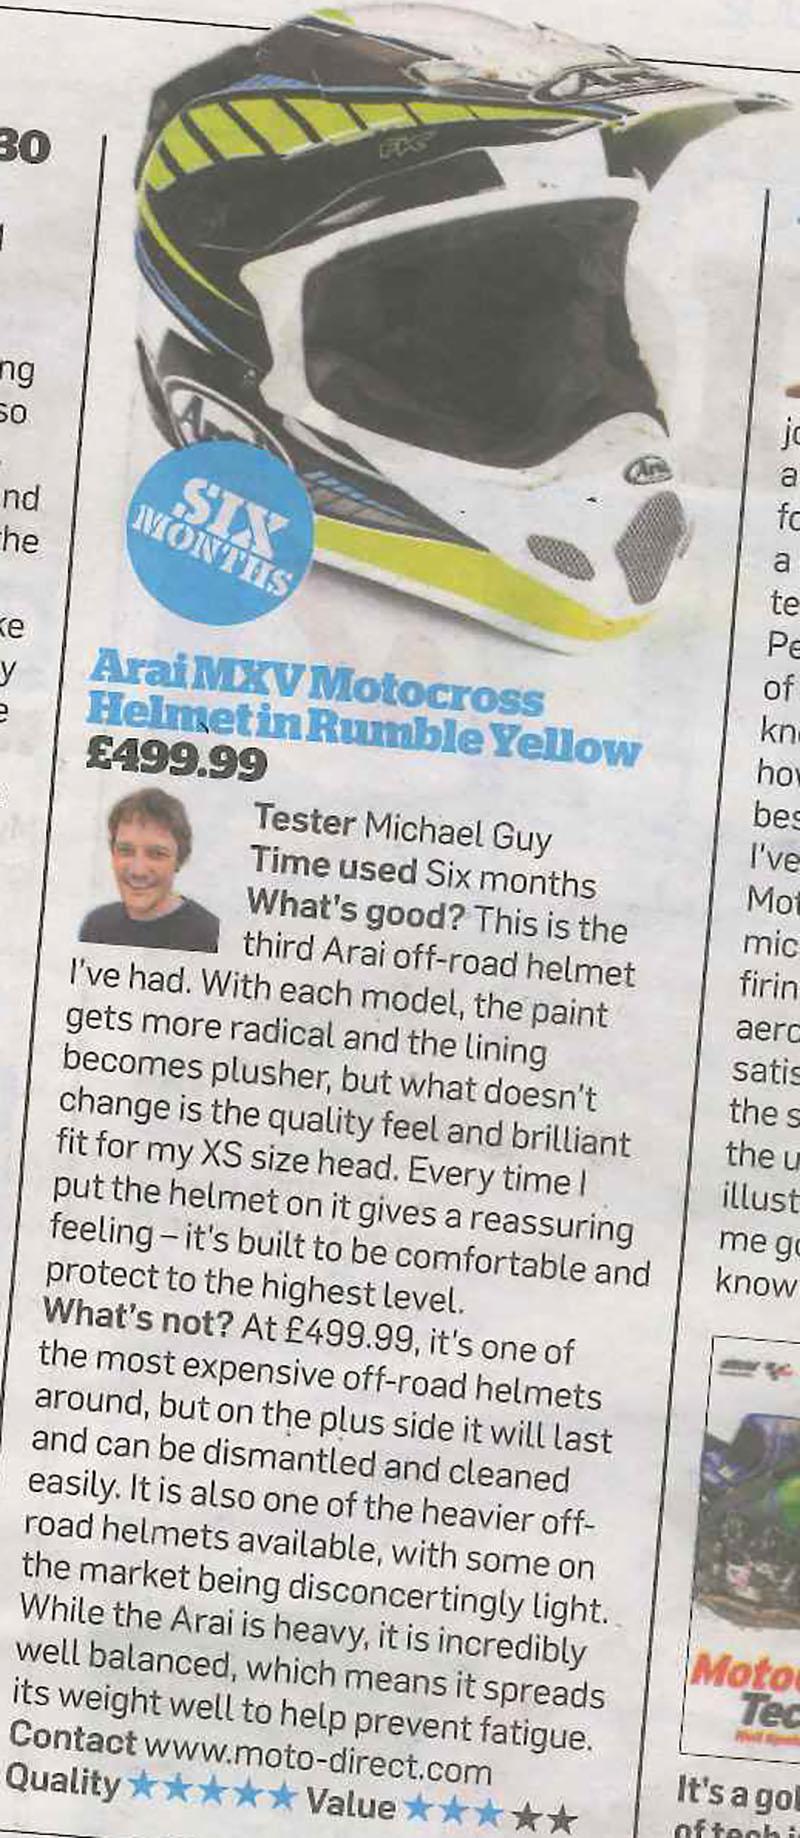 MCN review the Arai MX V off road helmet